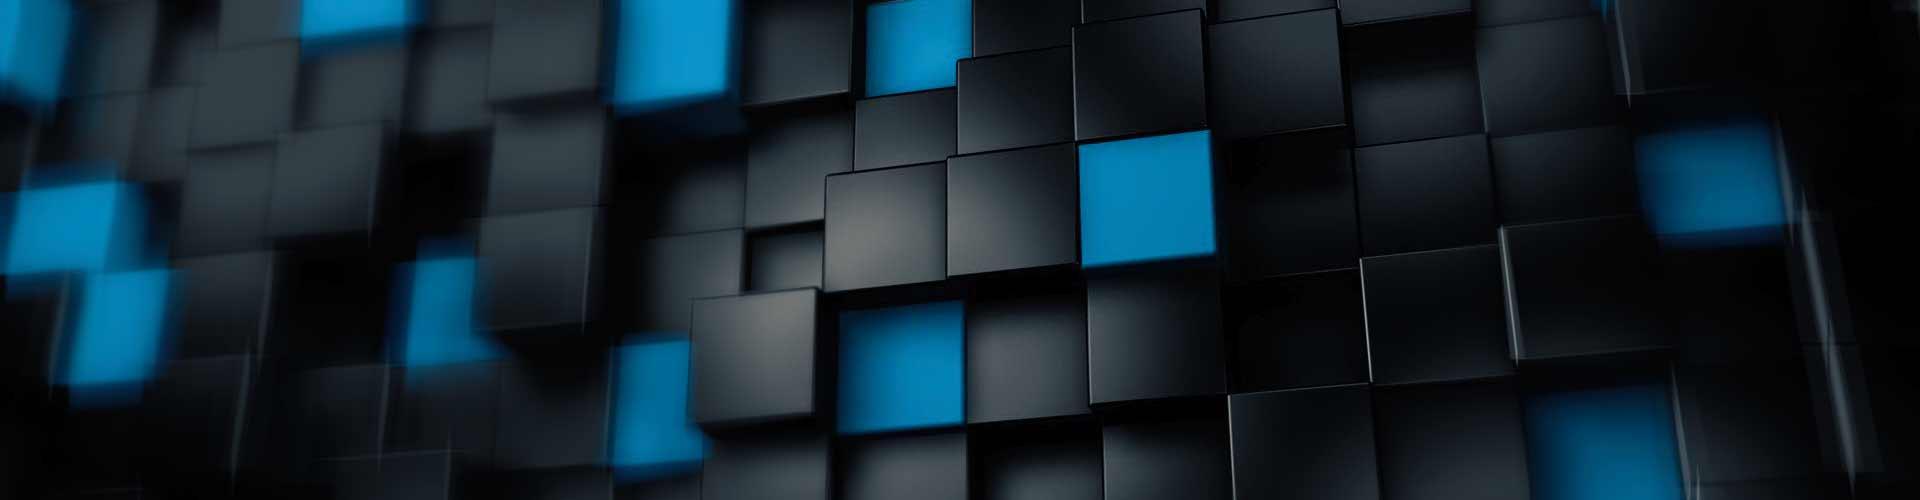 bokehcubes-wallpaperB1920x500